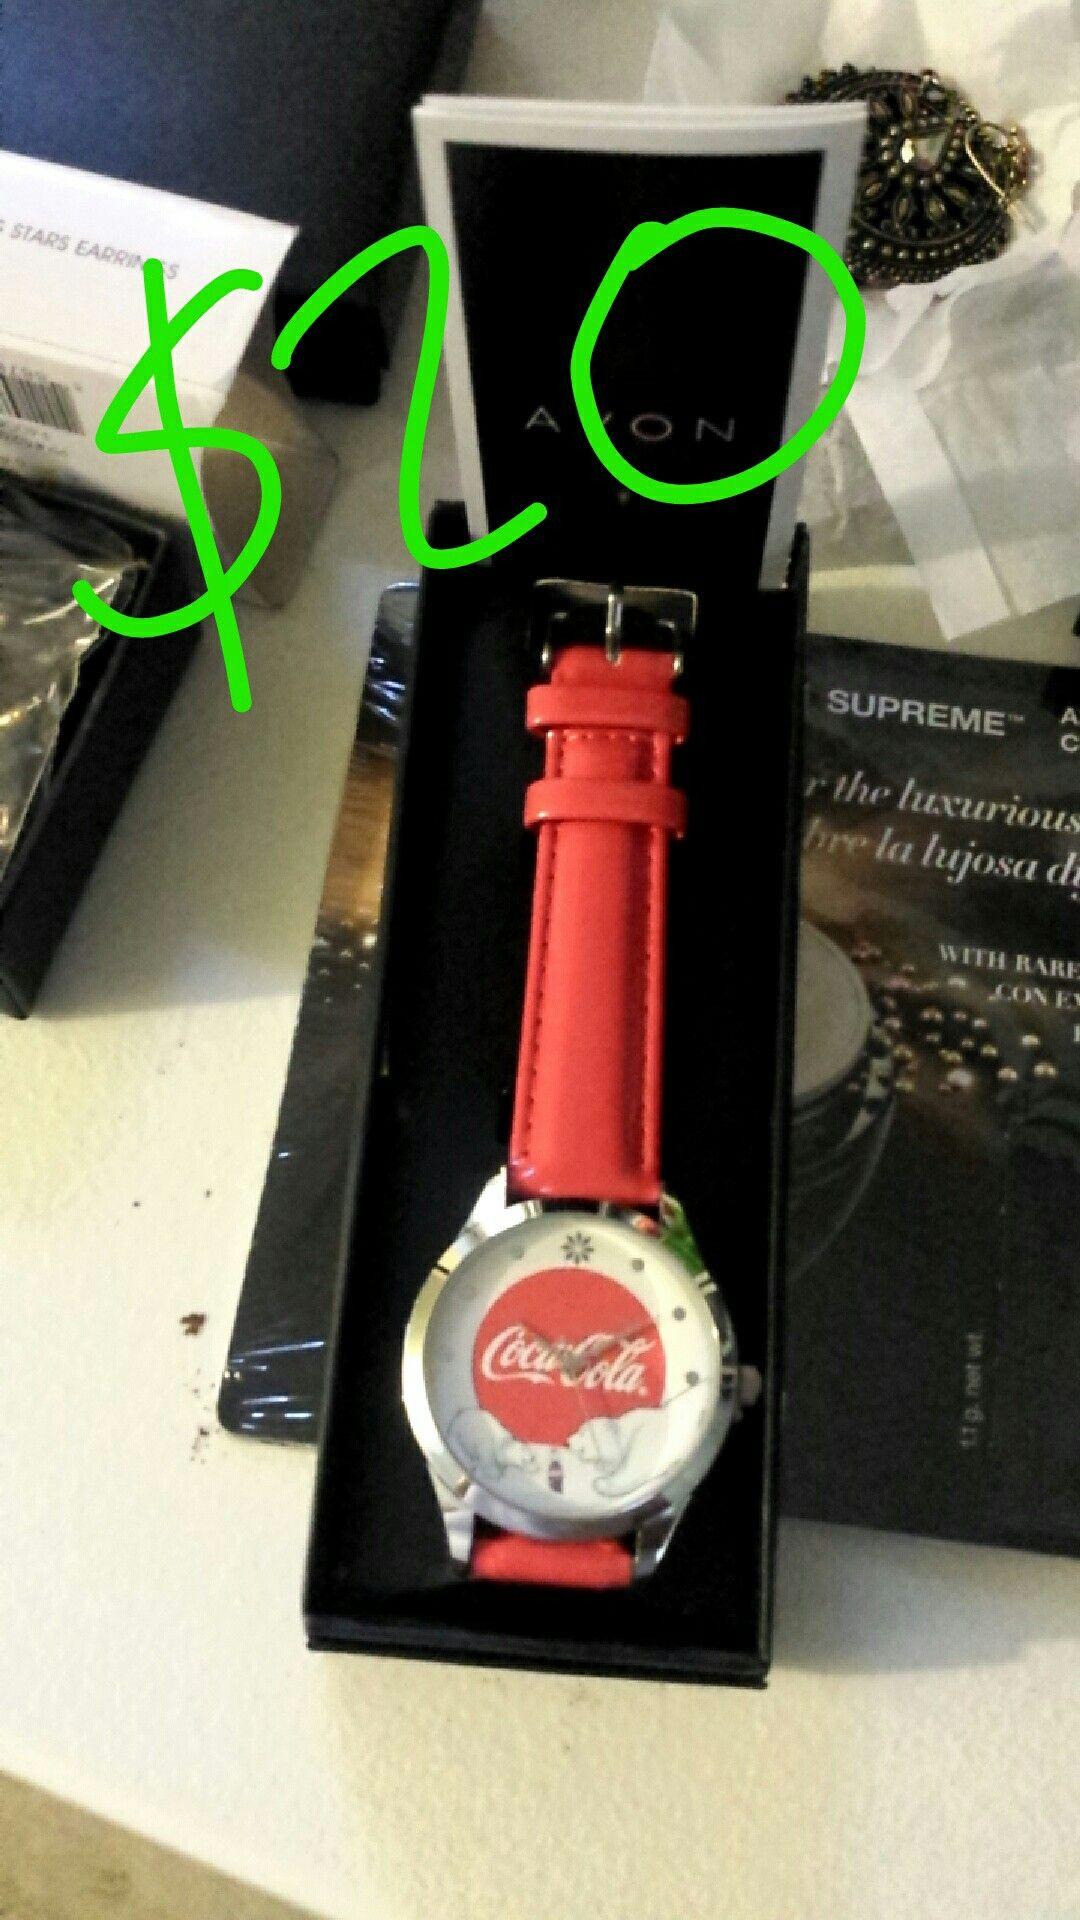 Pin by Glenda Villicana on Avon Leather watch, Earrin